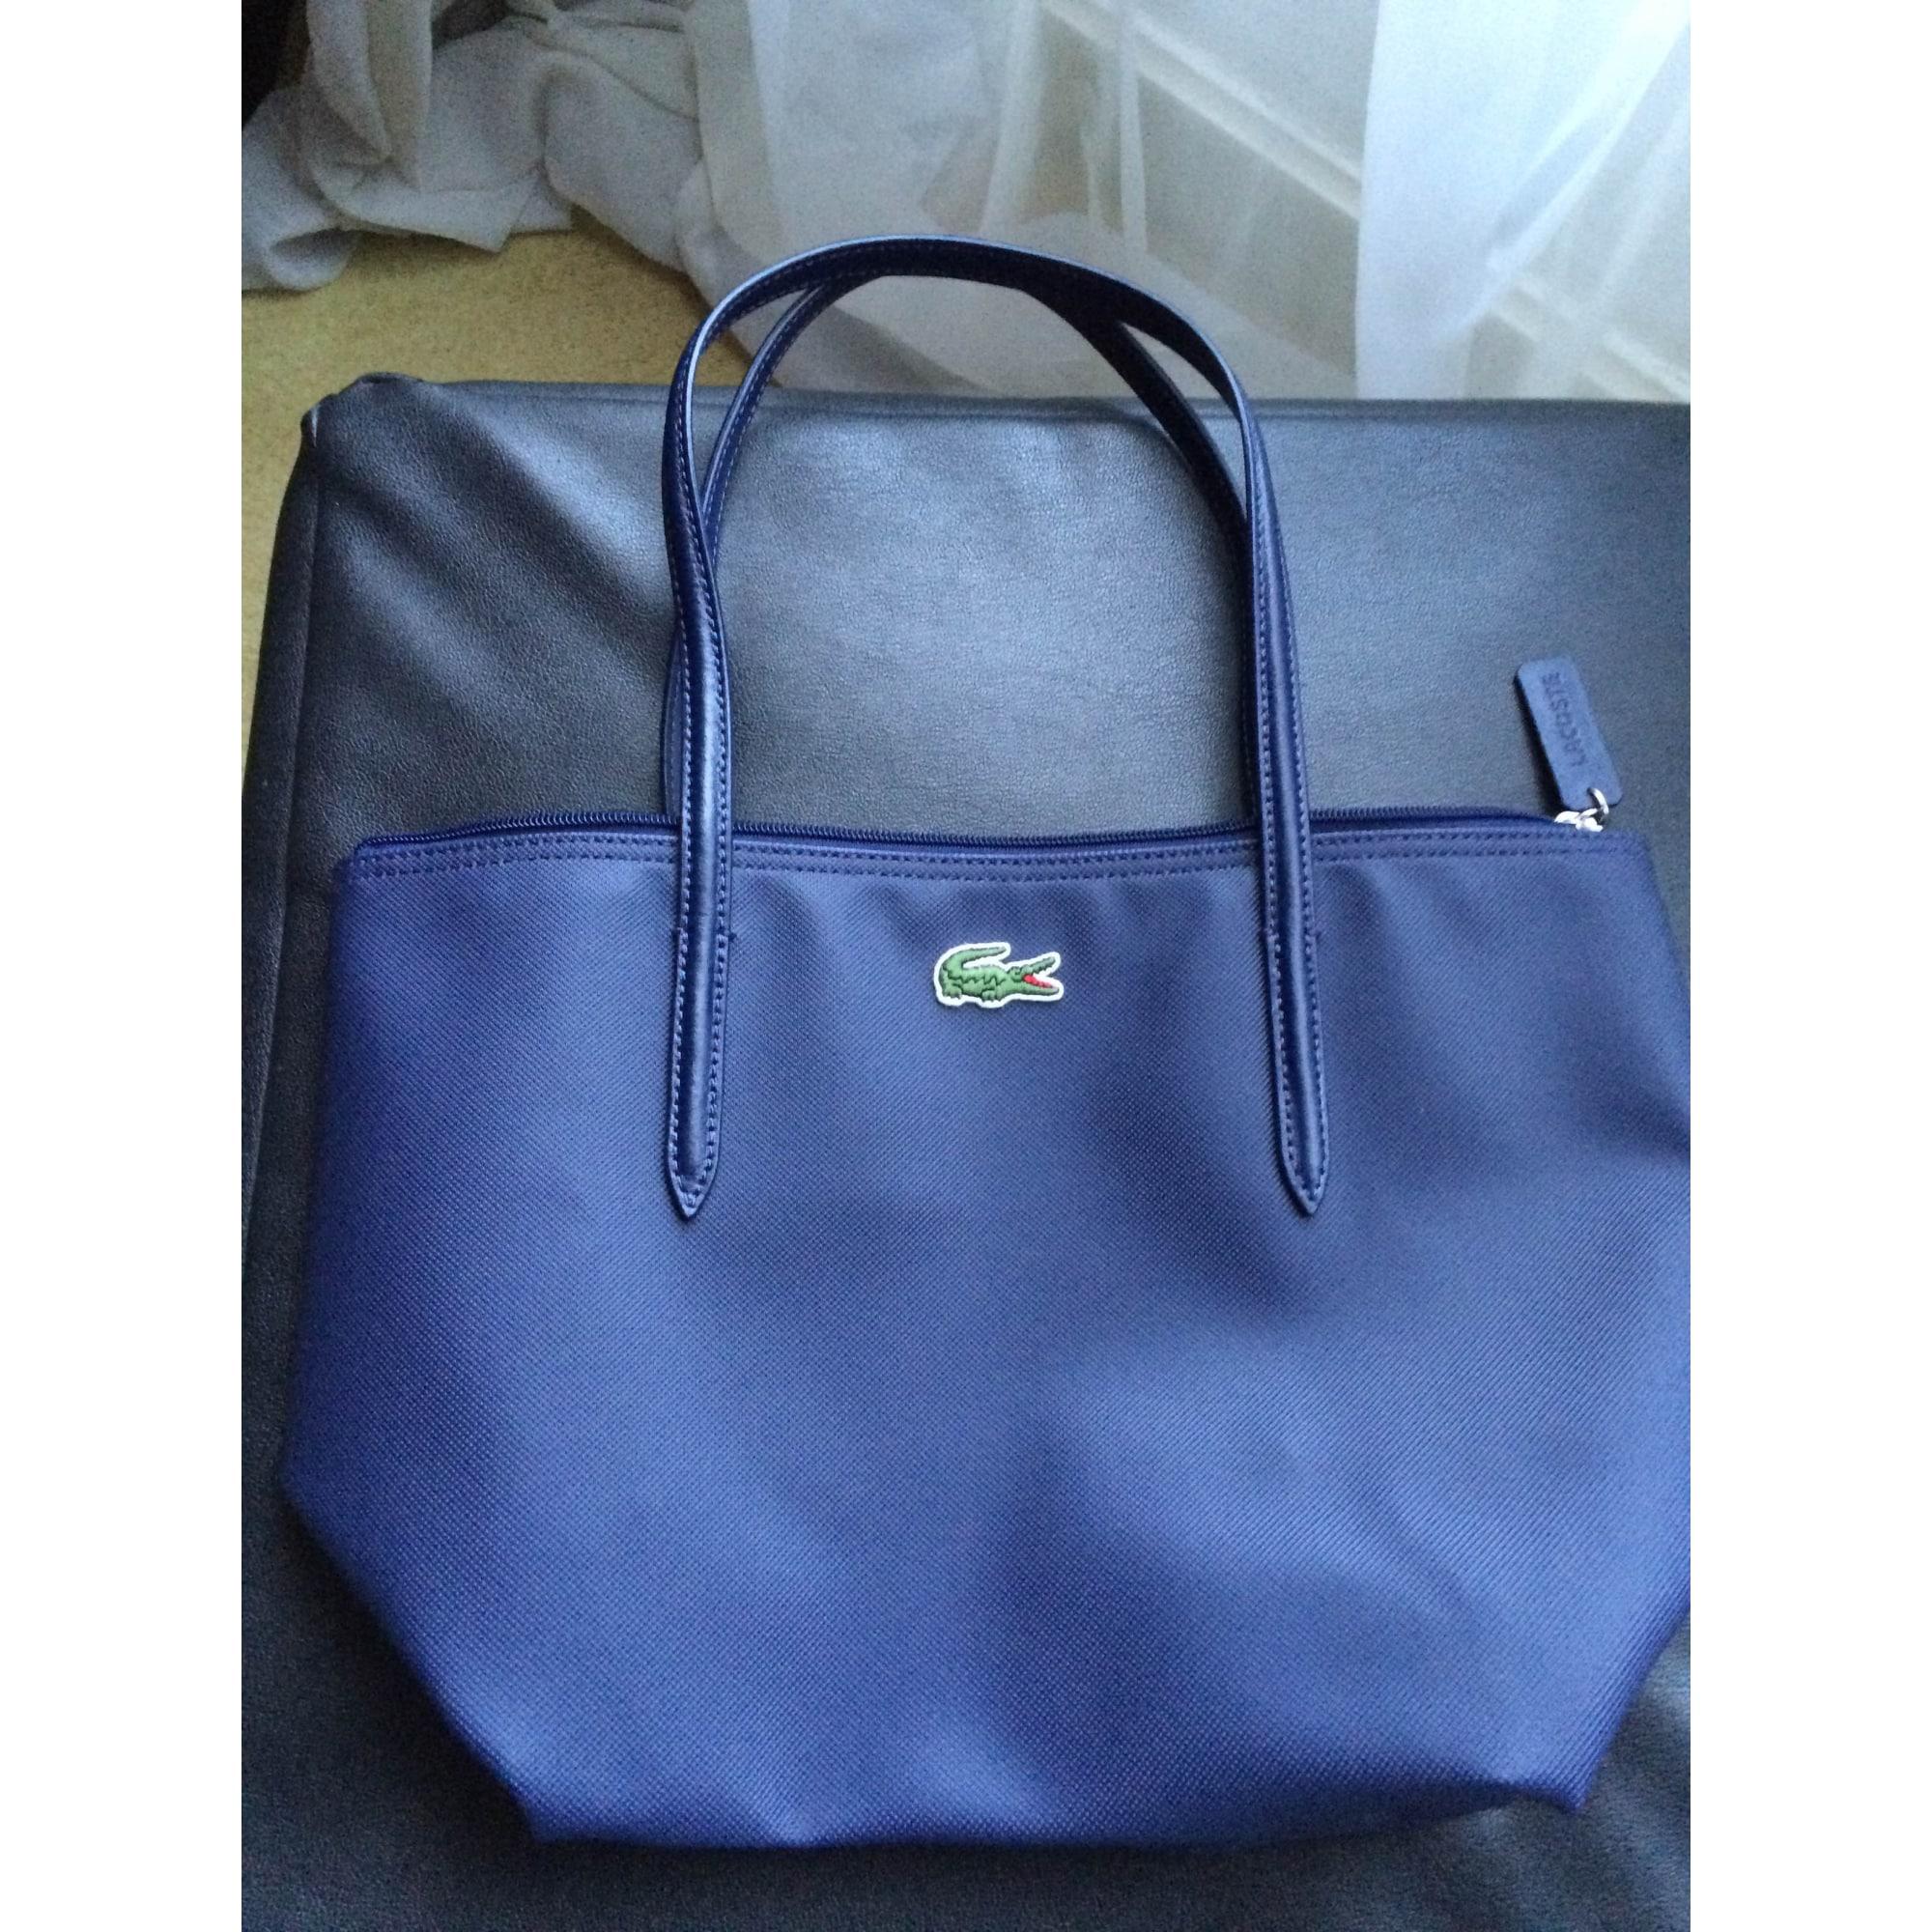 c931c153c1 Sac à main en cuir LACOSTE Bleu, bleu marine, bleu turquoise